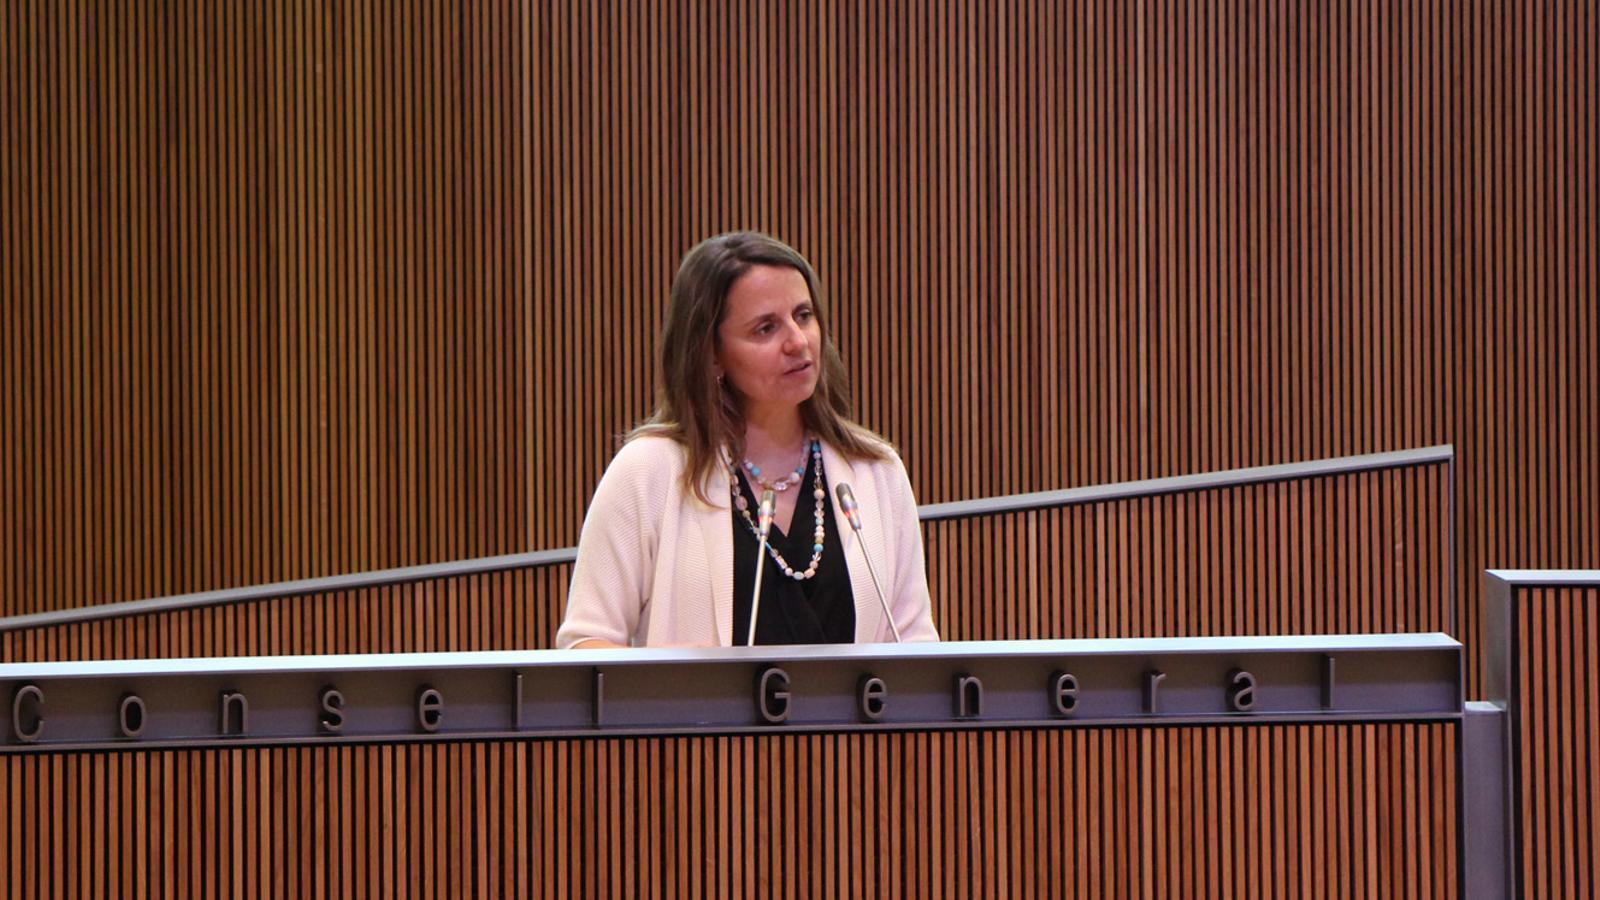 La consellera general del PS, Rosa Gili, durant la seva intervenció